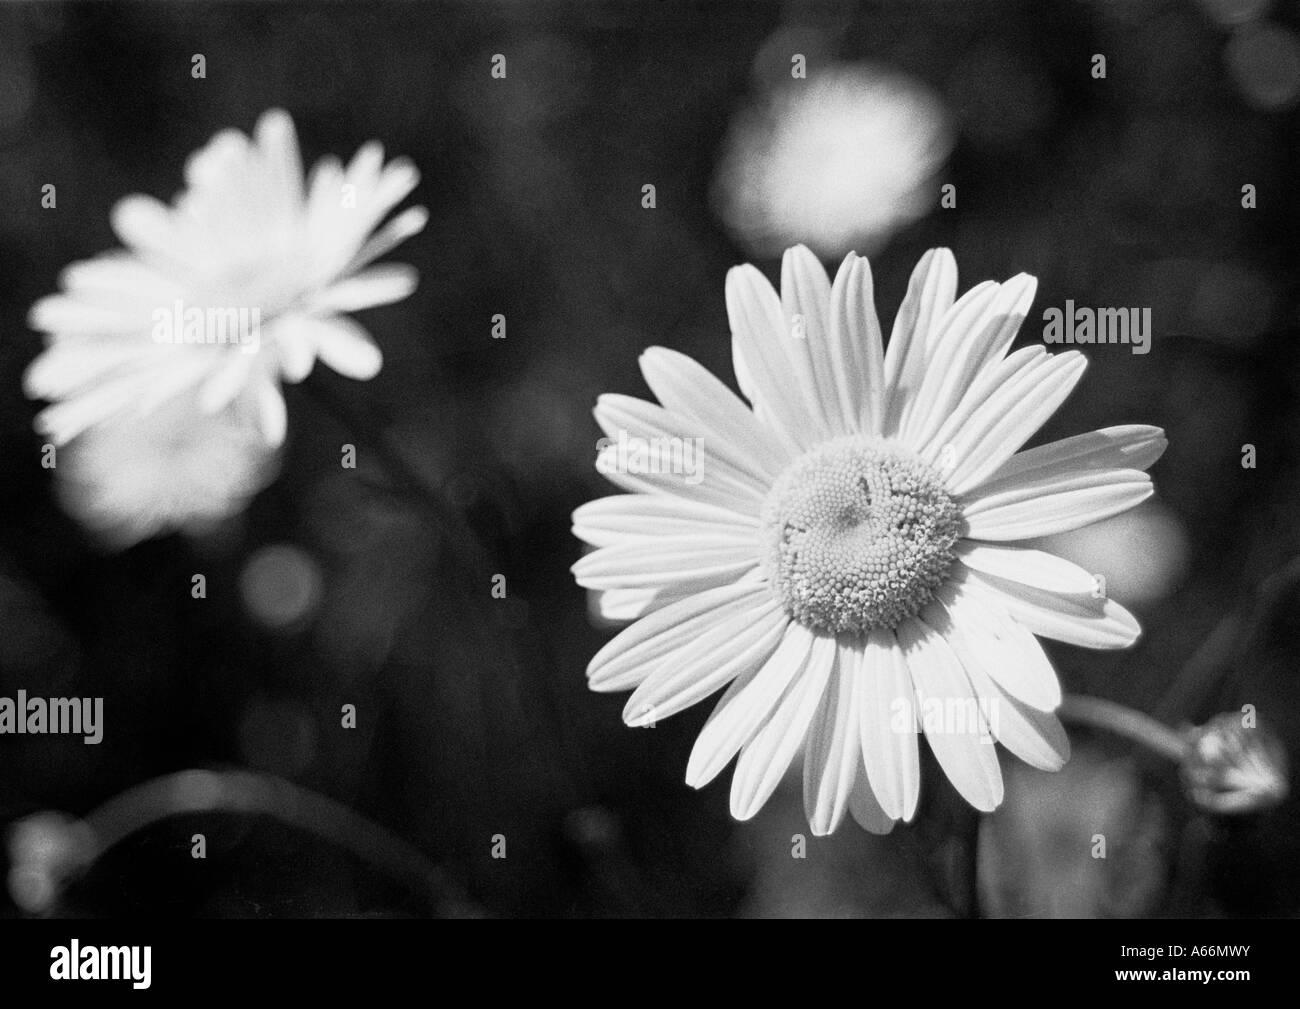 Black white image of a daisy flower in full bloom uk 2004 stock black white image of a daisy flower in full bloom uk 2004 izmirmasajfo